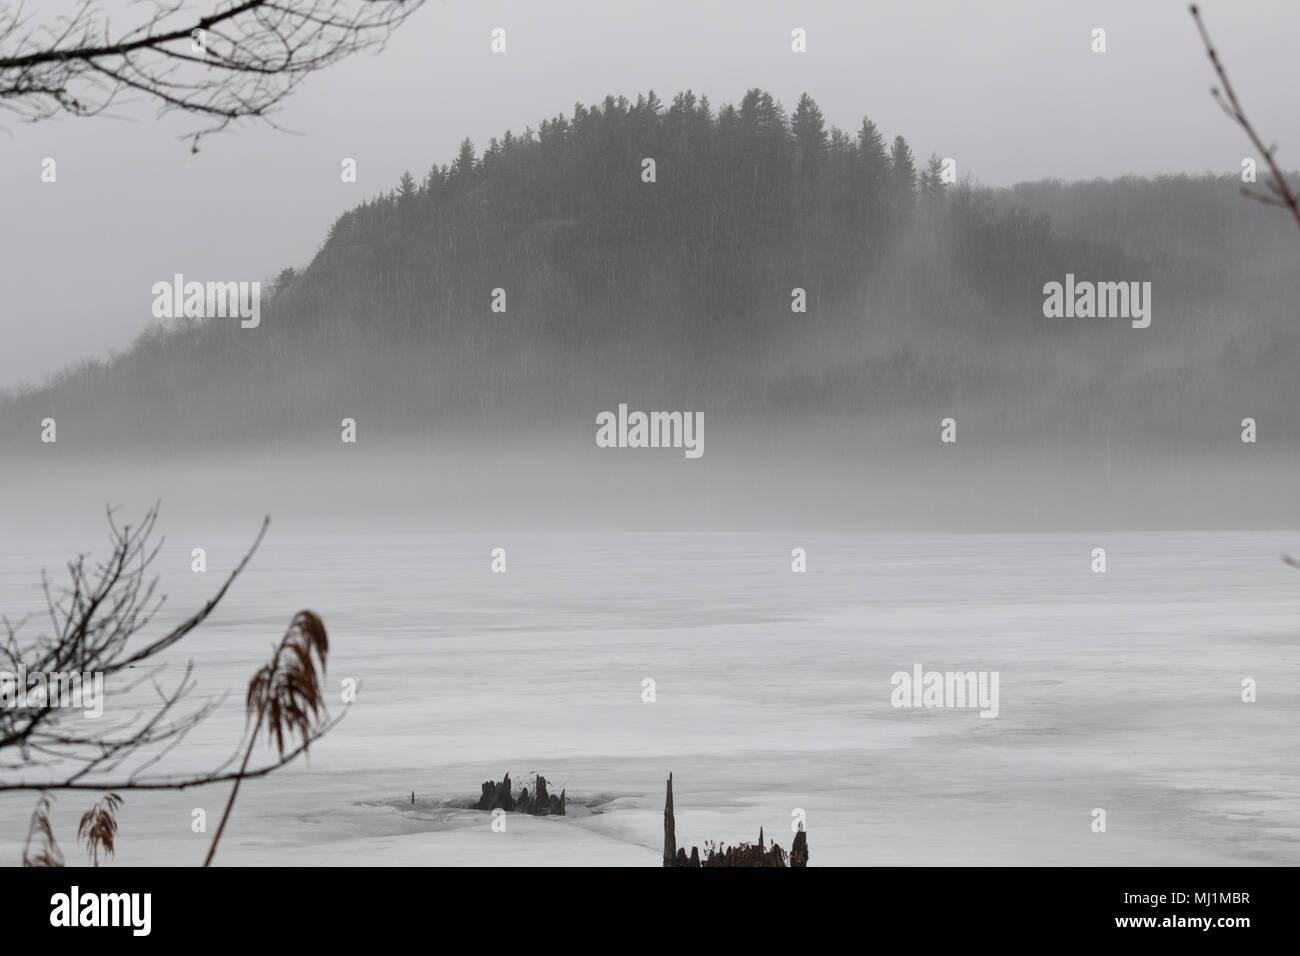 Paysage montagne de brume au printemps avec Lac enneigé - Stock Image